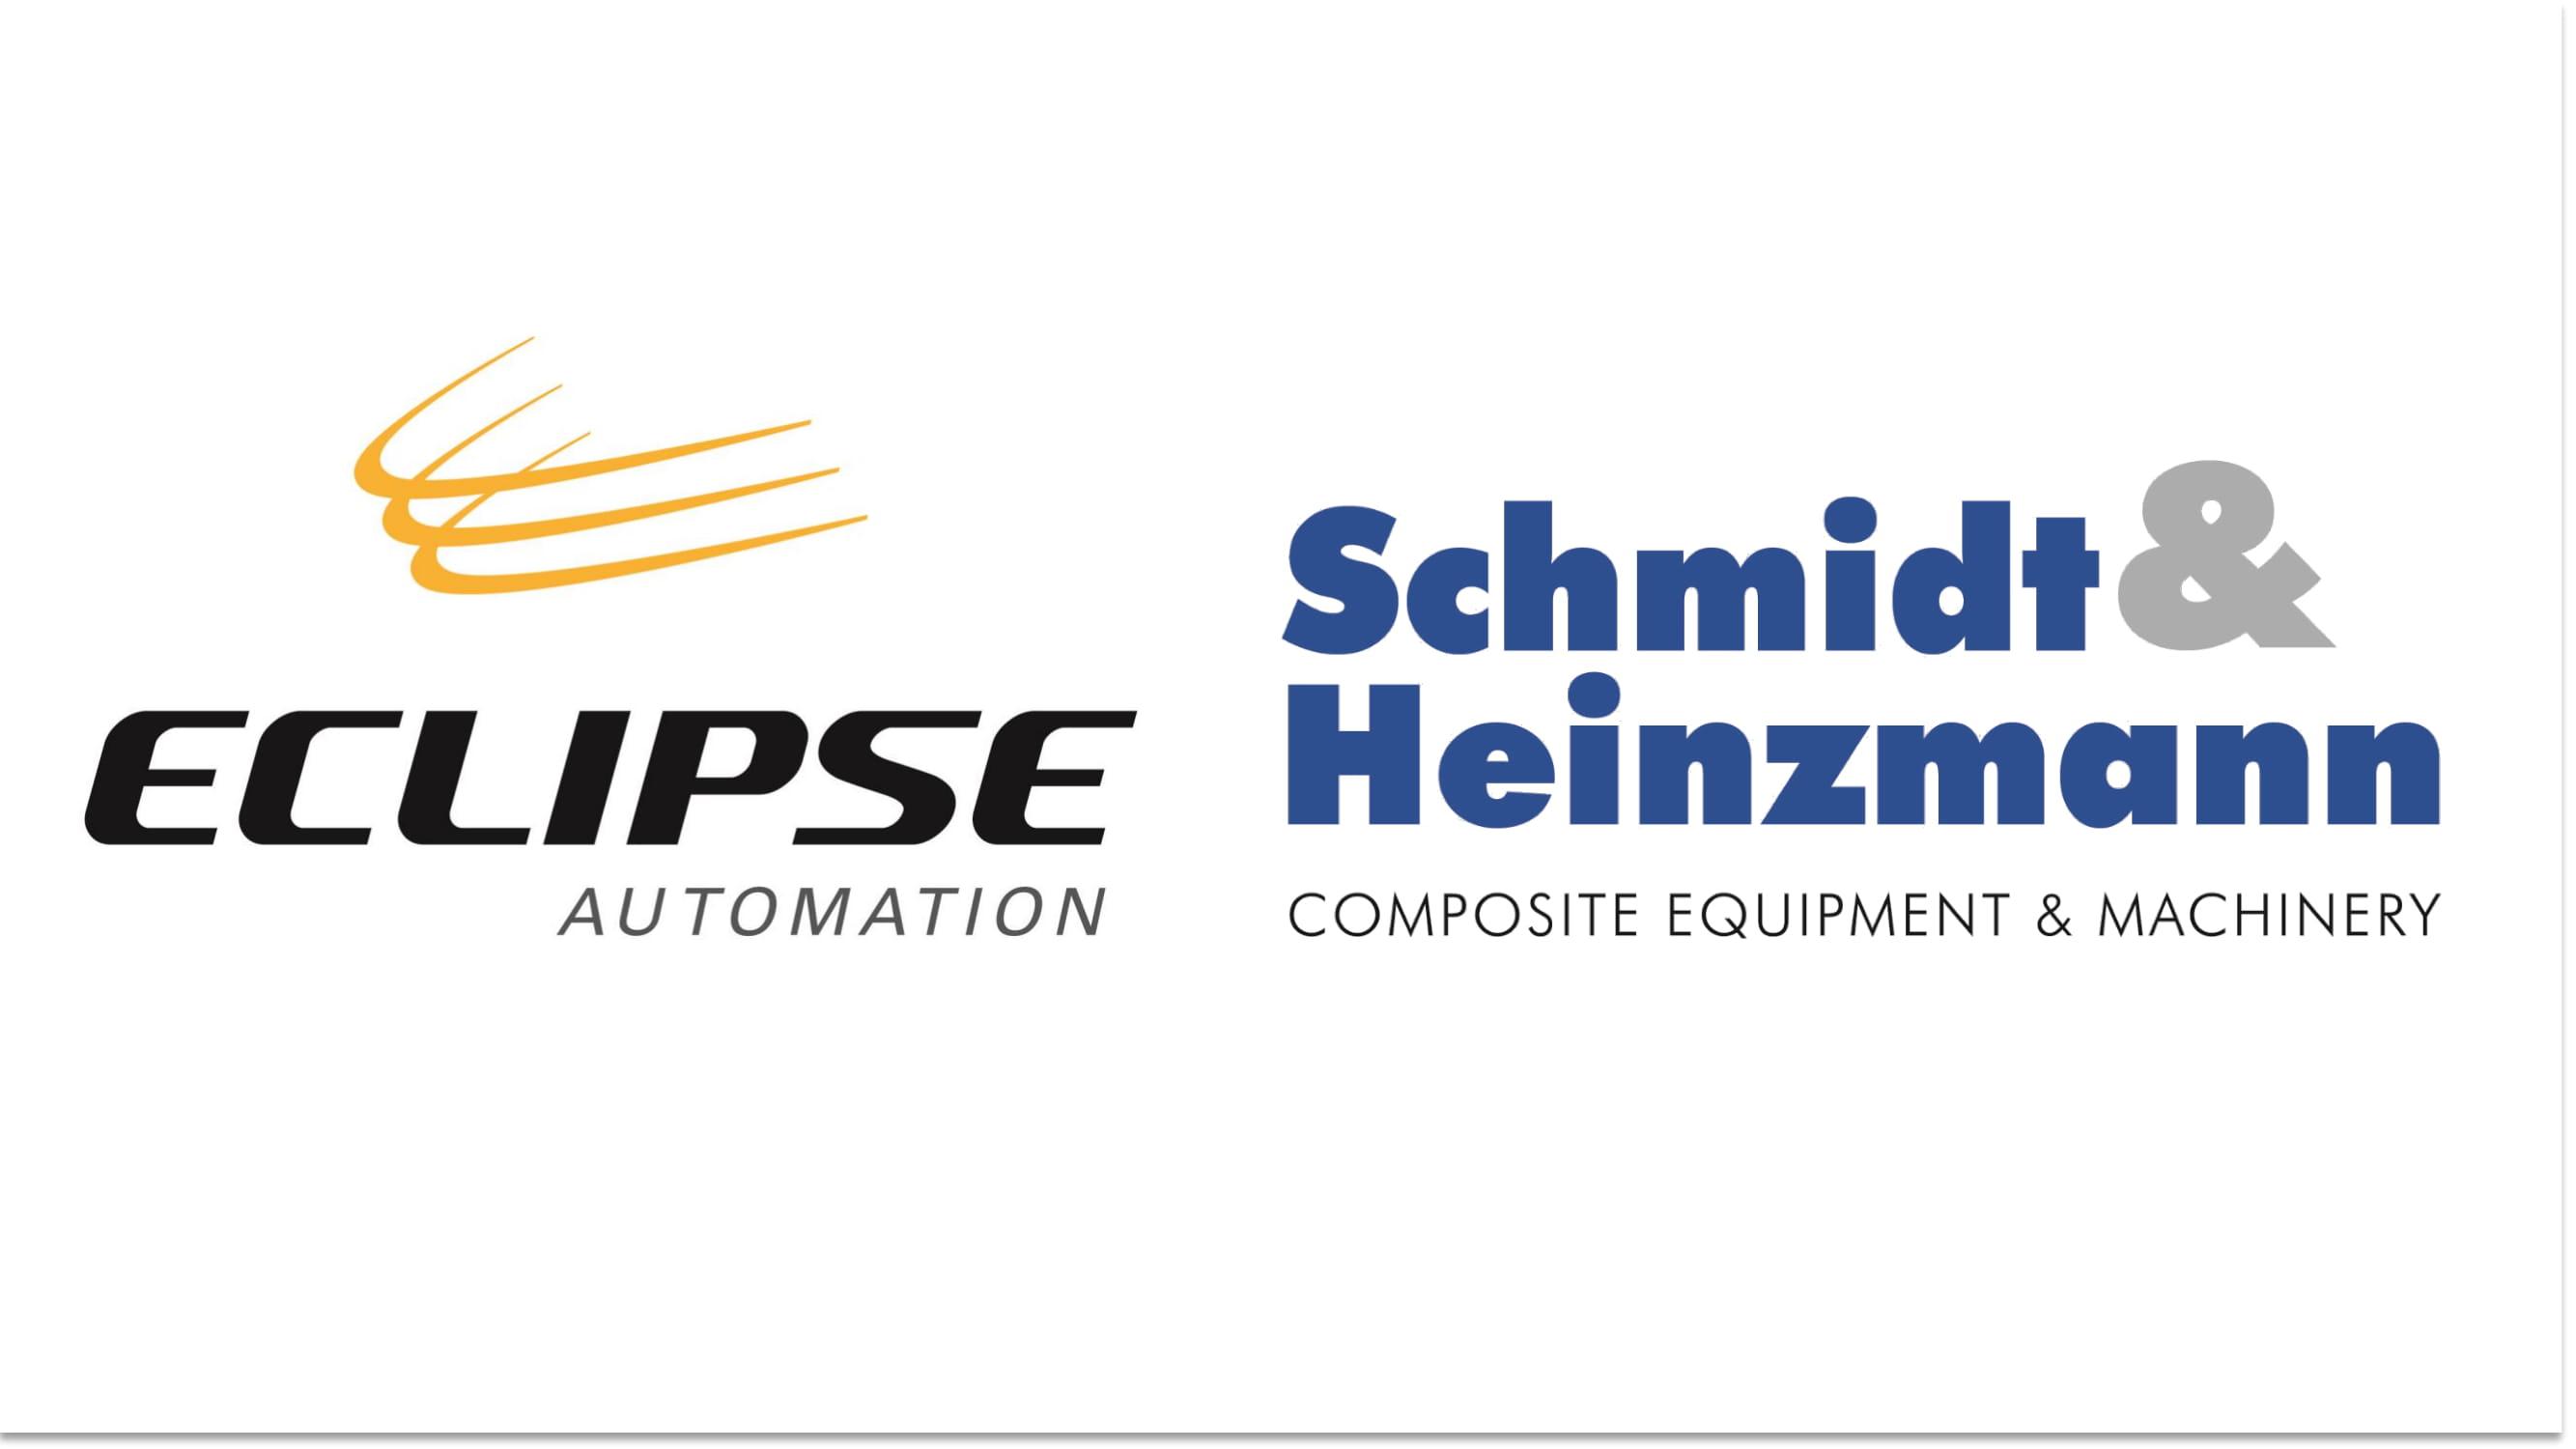 Eclipse & Schmidt & Heinzmann